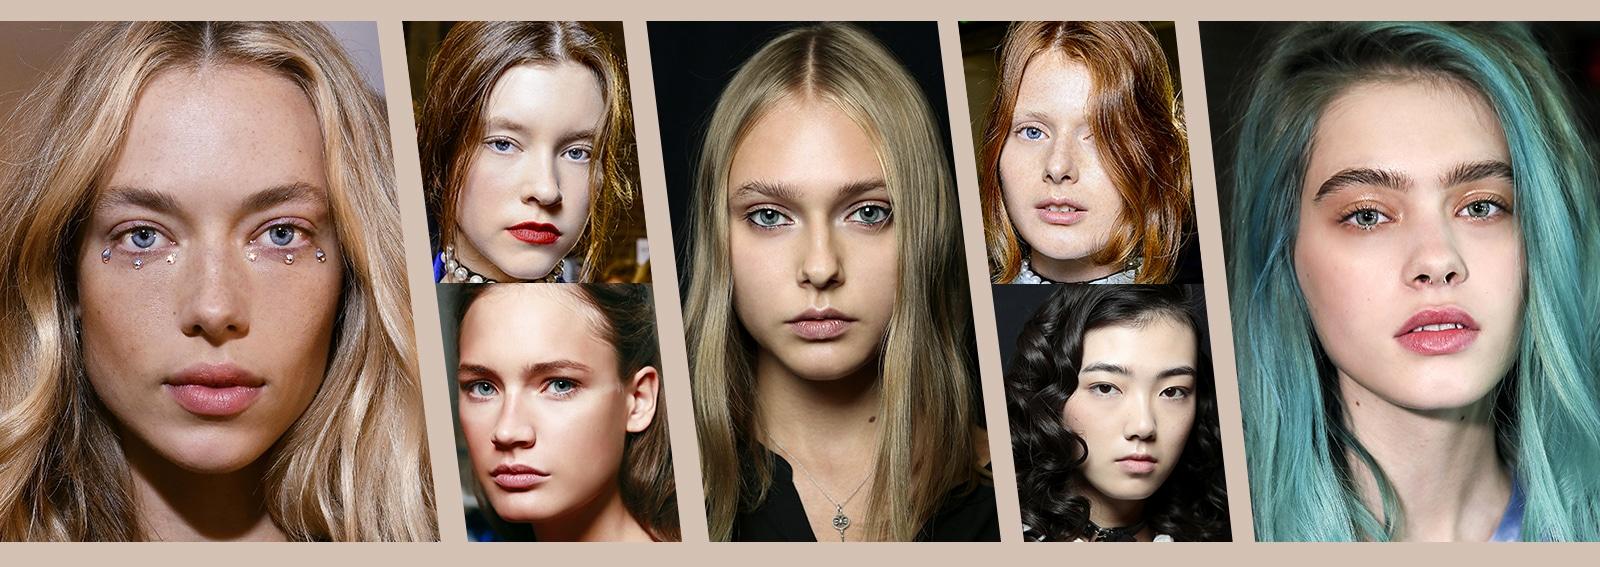 tendenze colore capelli primavera estate 2018 DESKTOP_colore_capelliSS18